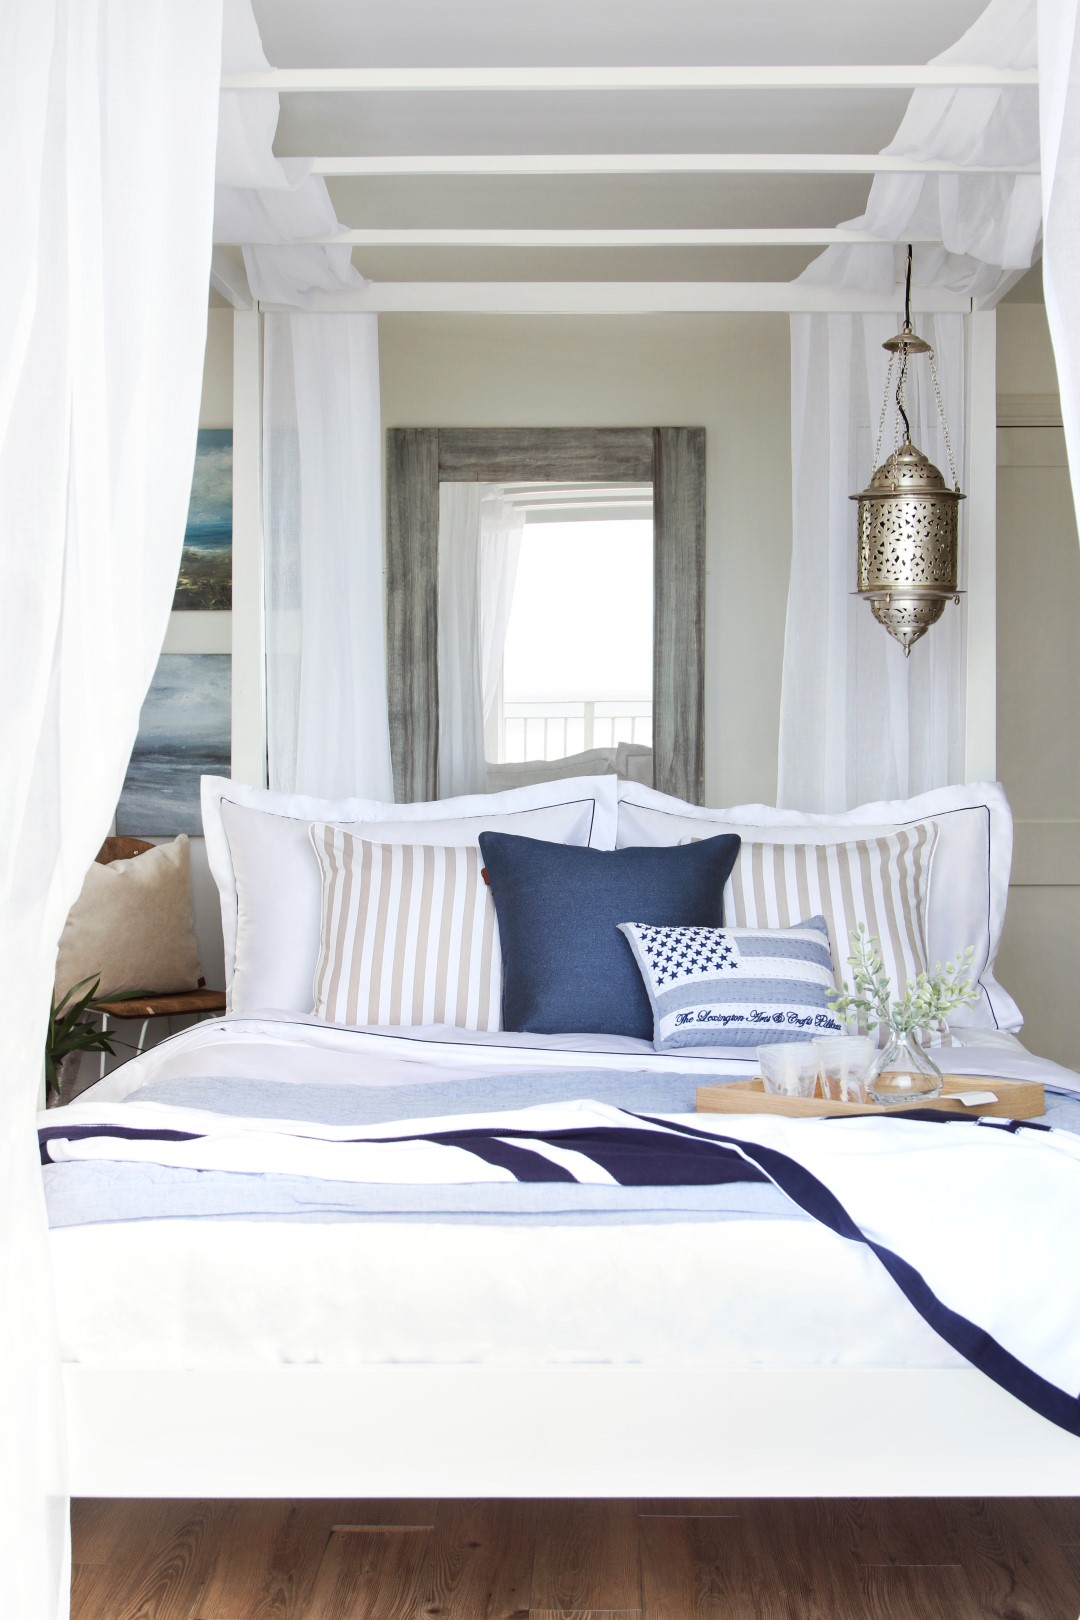 Phong cách thiết kế nội thất Ven bờ biển - ảnh 4